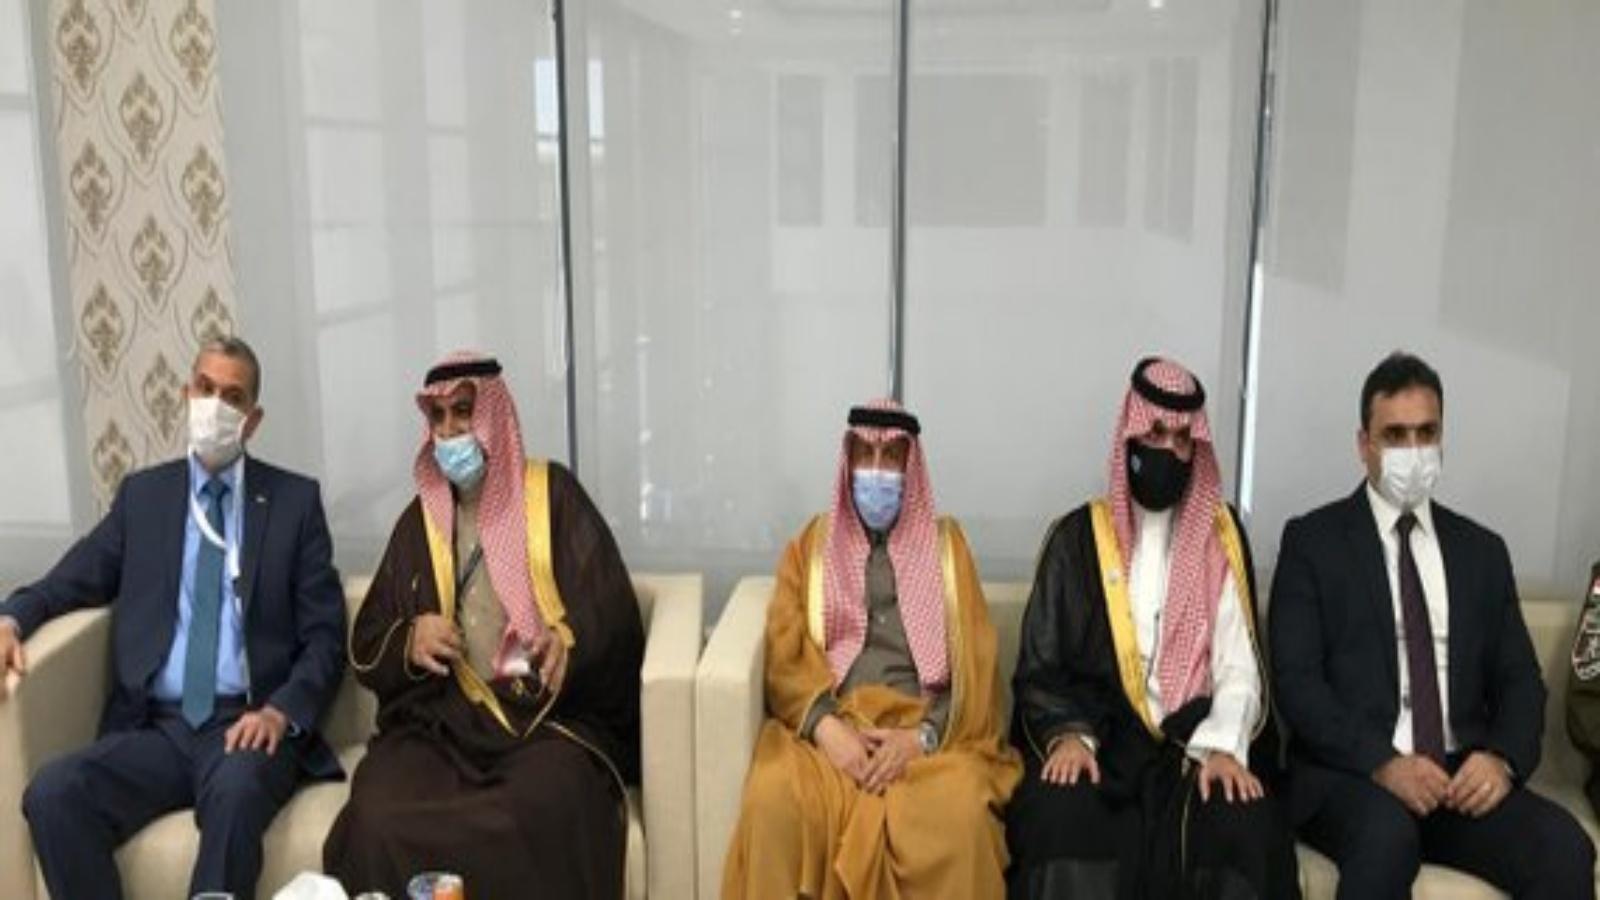 وزير الداخلية العراقي مع امير منطقة الحدود الشمالية السعودية لدى افتتاح منفذ عرعر اليوم